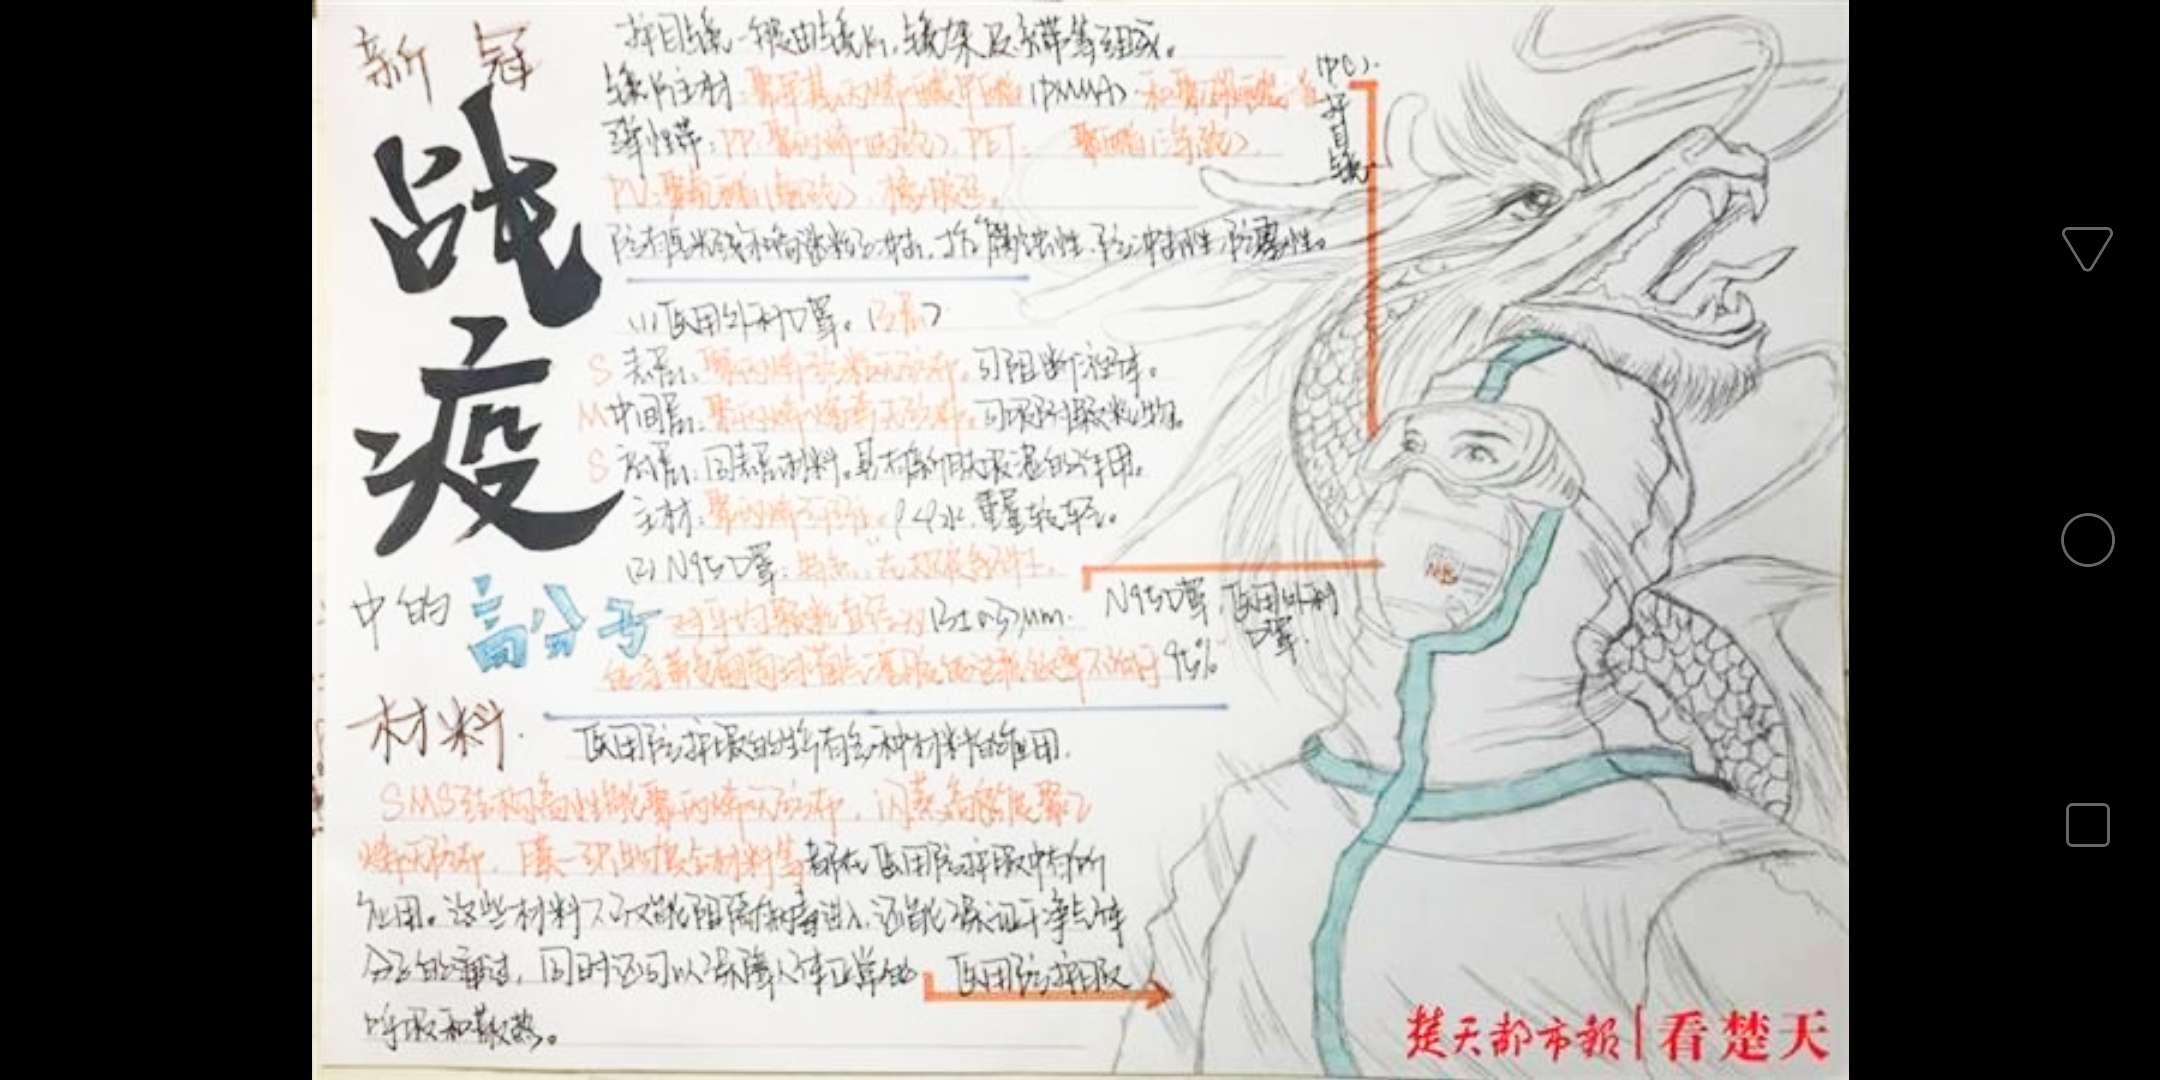 【求助】抗疫手抄报,龙傲天类的日本动漫